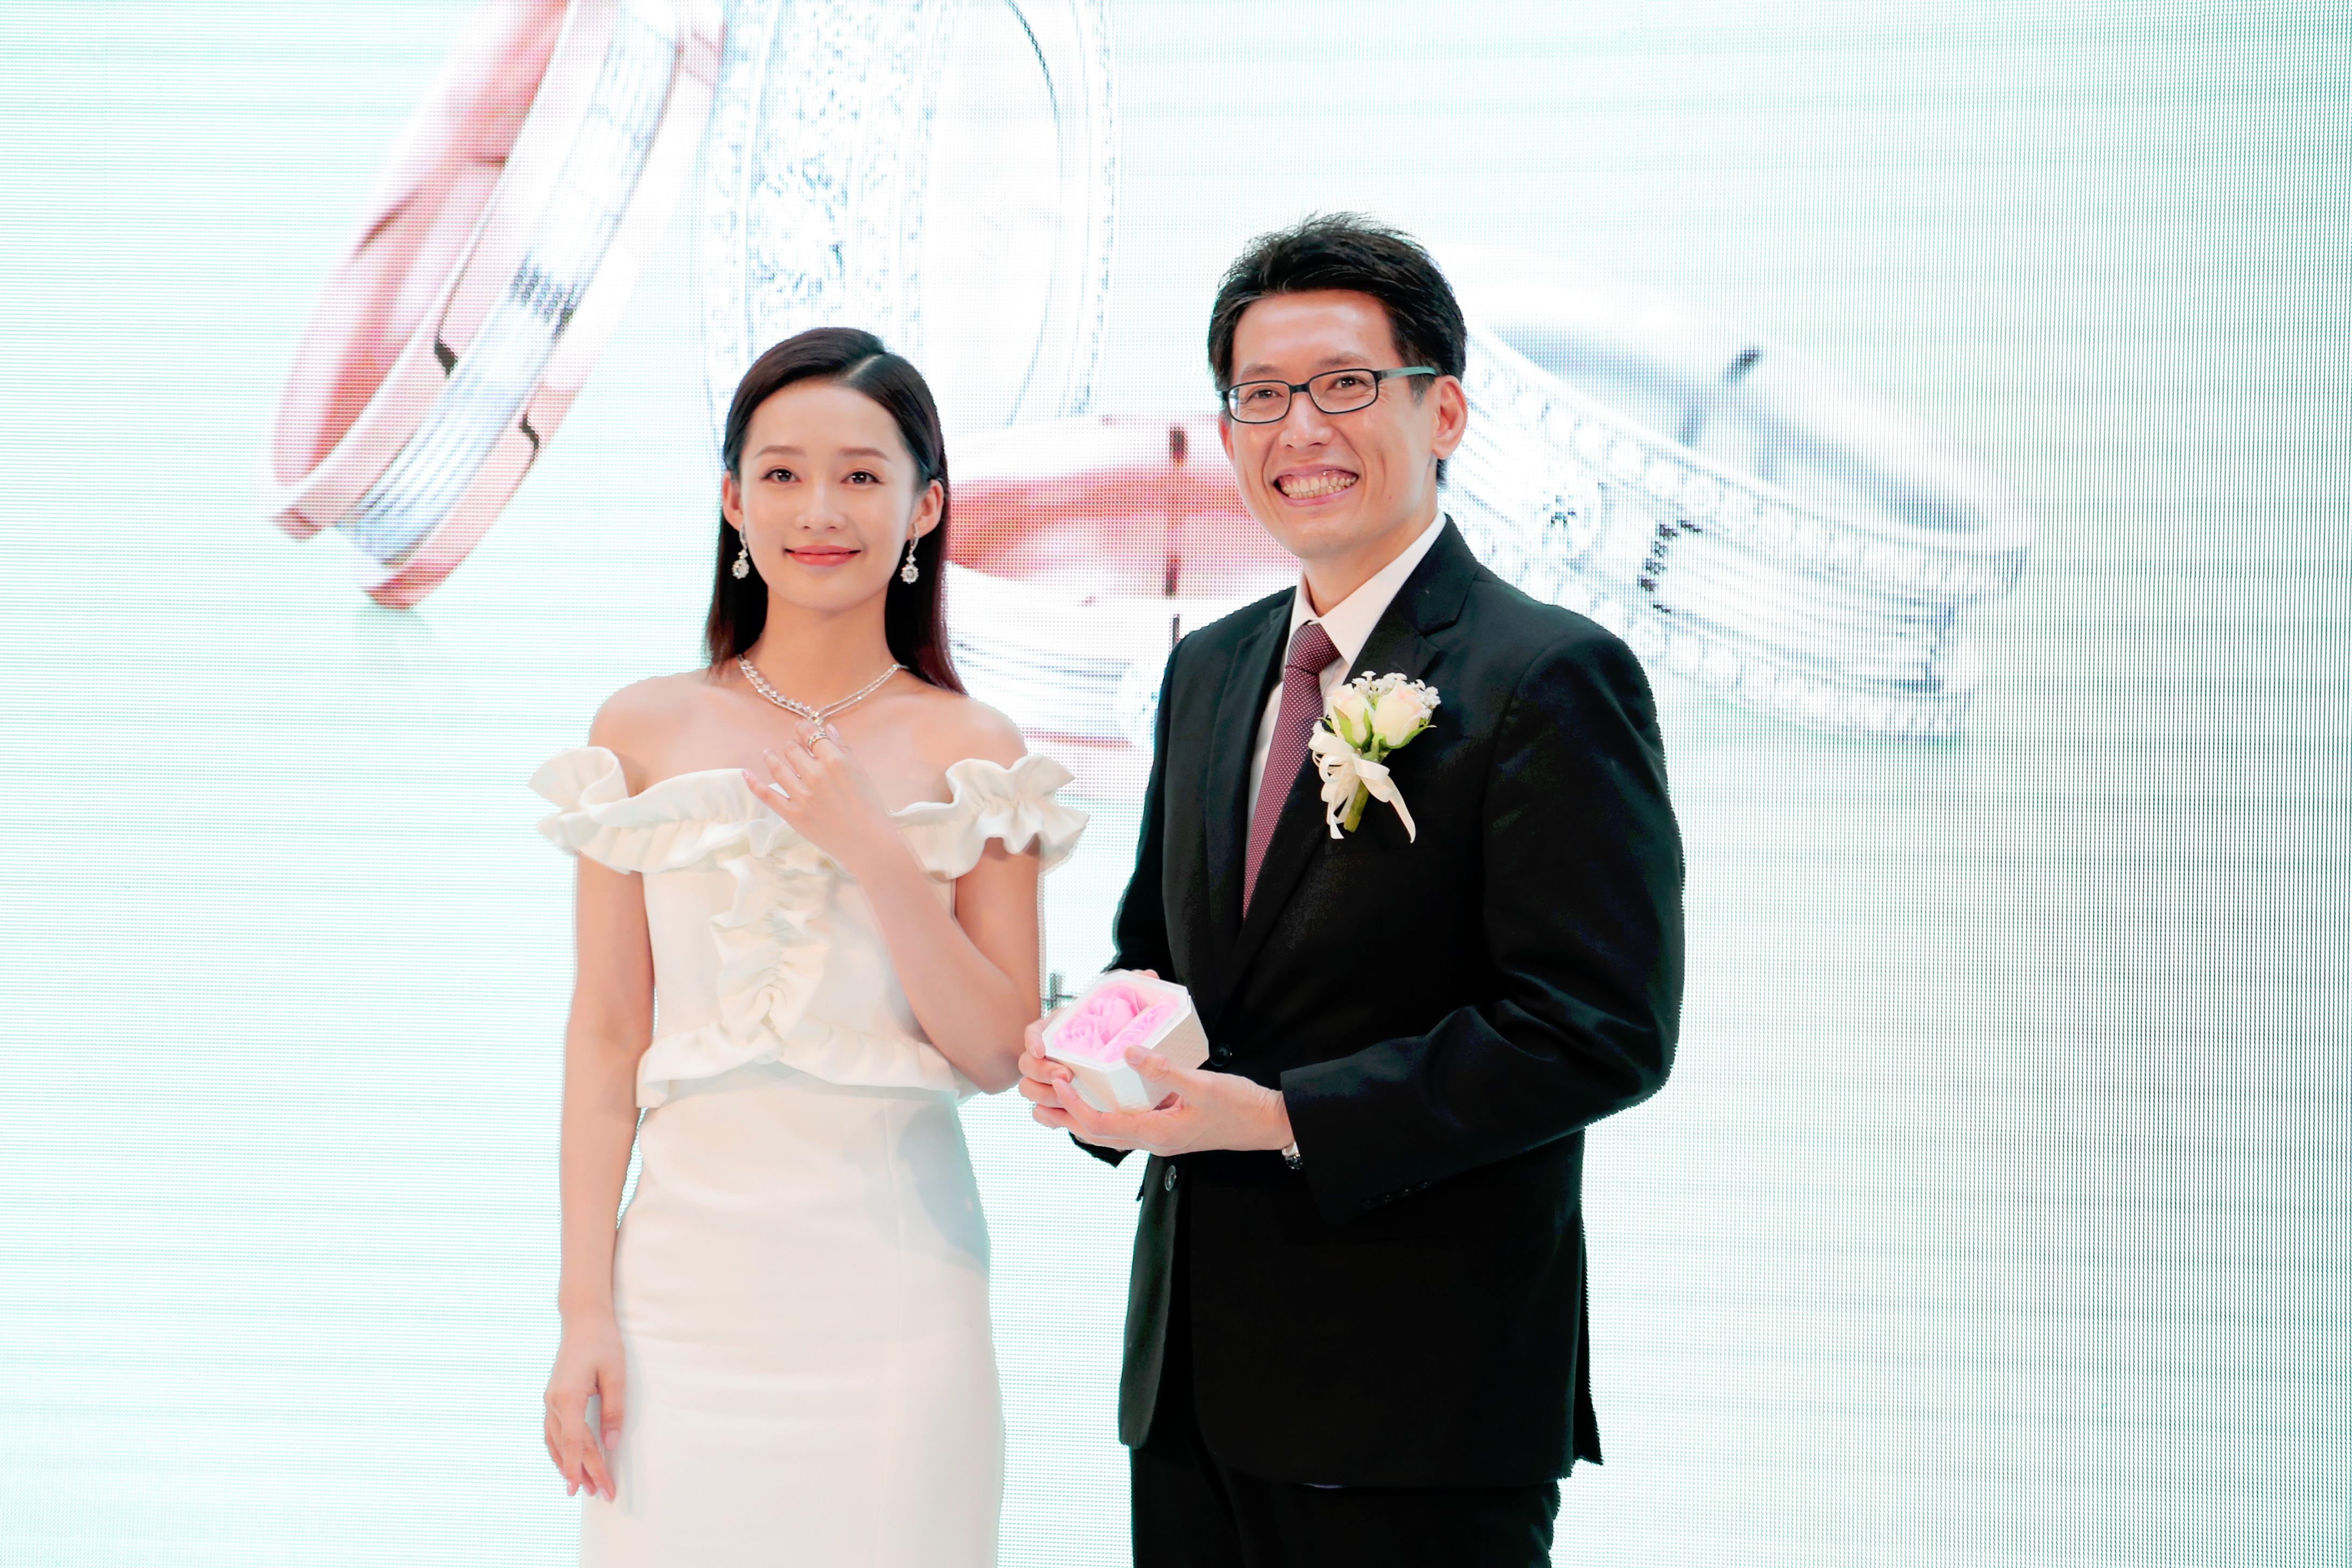 不仅哈里王子婚礼看中520,杜江夫妇、许魏洲、李沁也为这天准备了信物